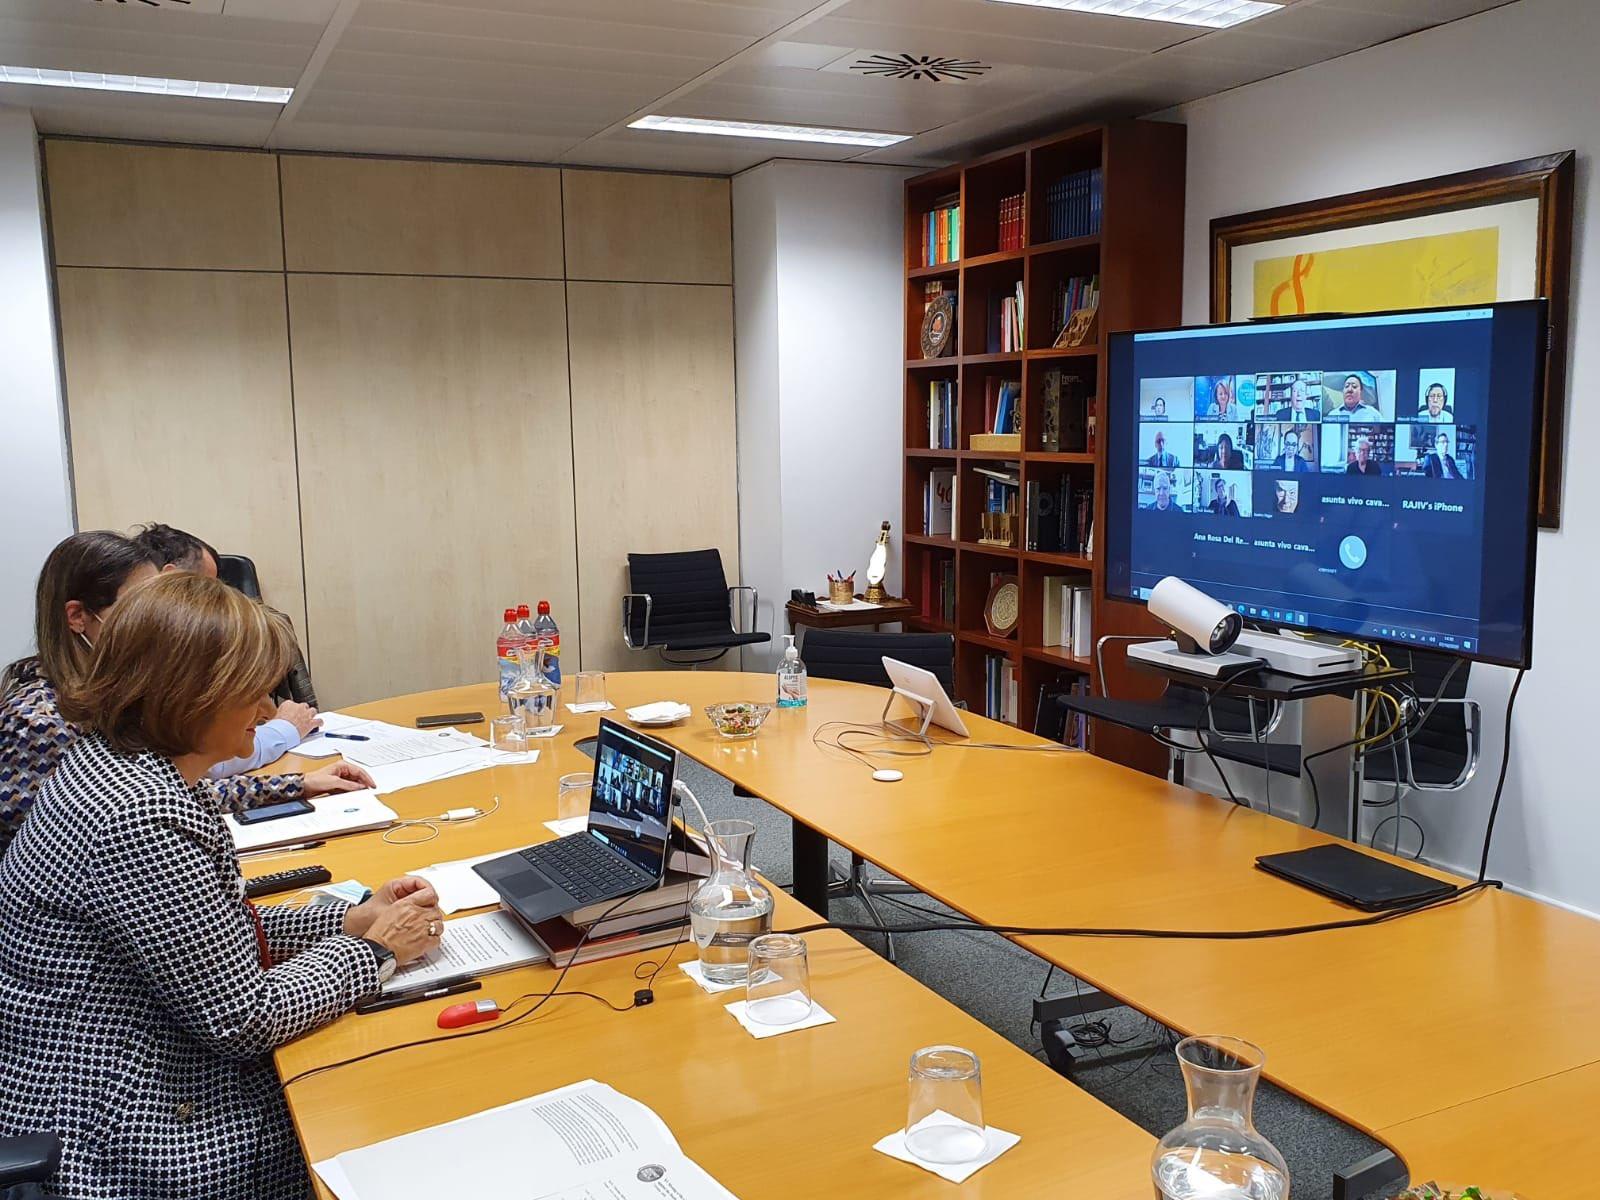 2020 meeting commission against detah penalty